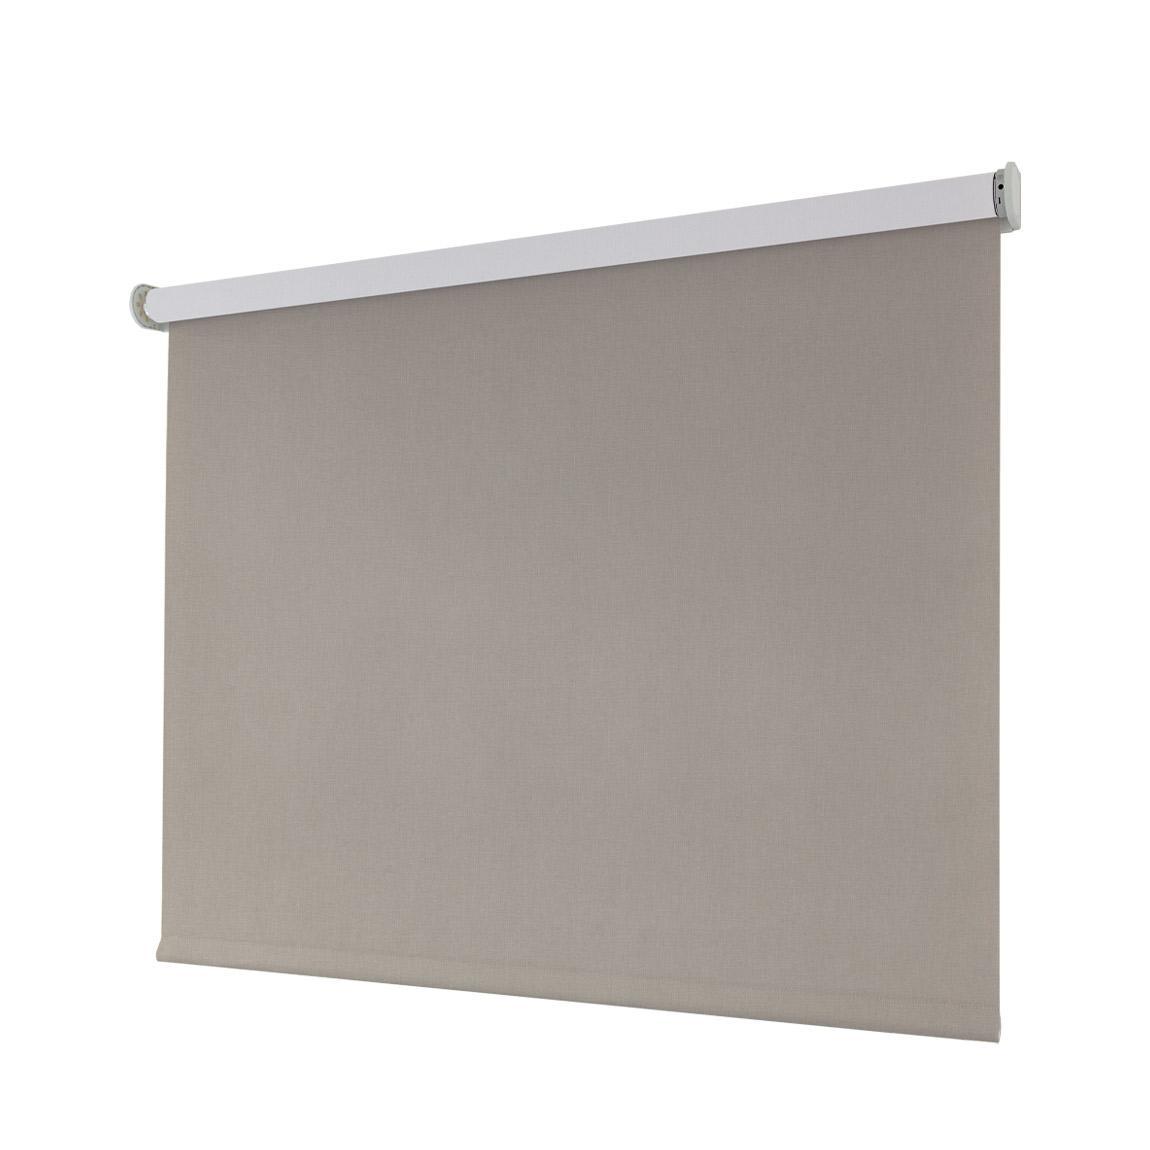 Smartes Sonnenschutz-Rollo, blickdicht - sand 80x230cm